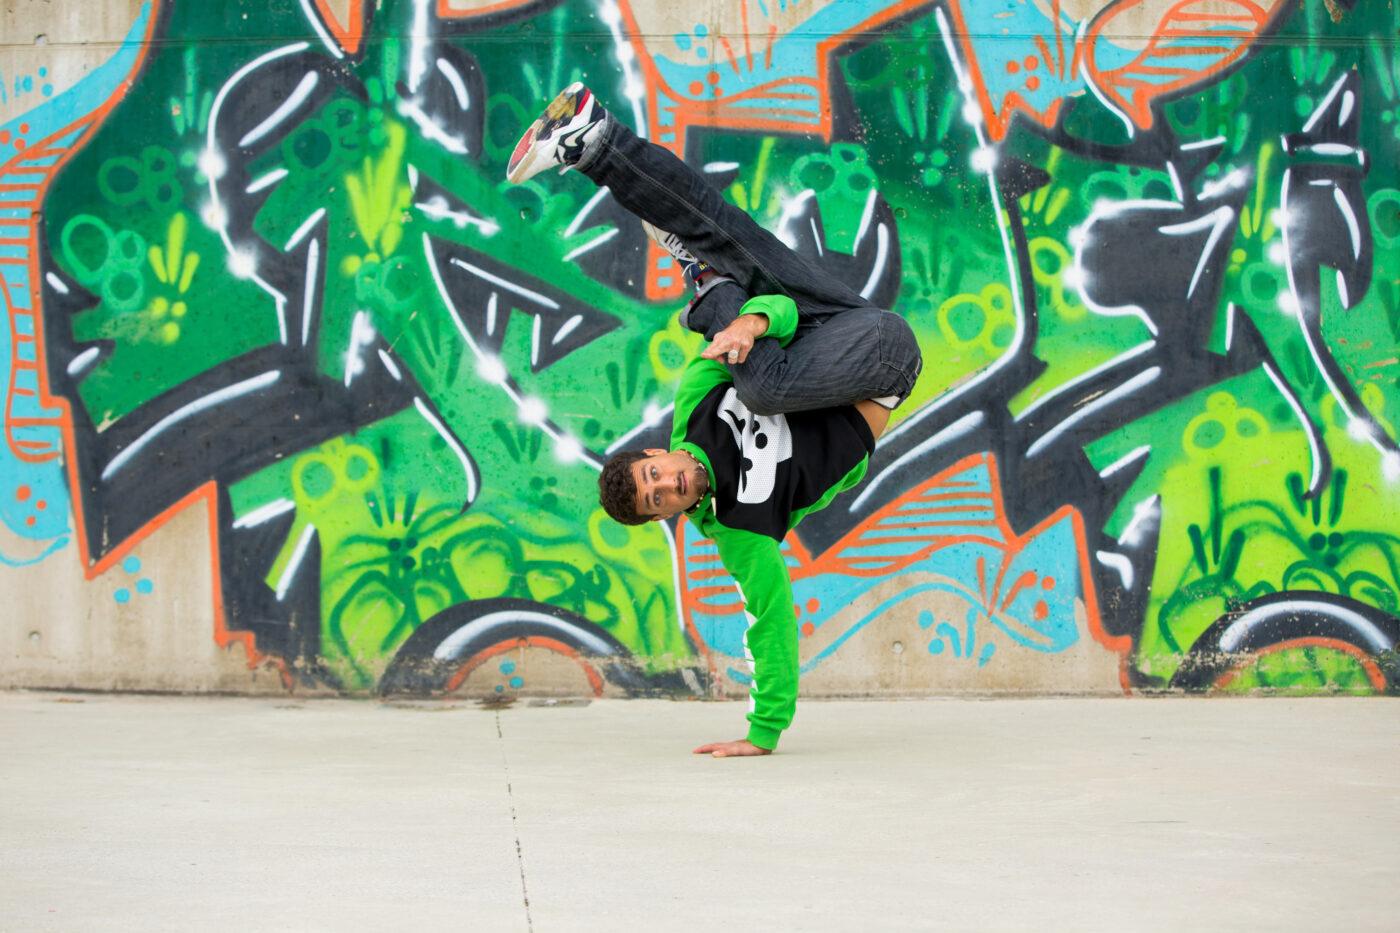 Ein GORILLA Botschafter zeigt einen Breakdancetrick.